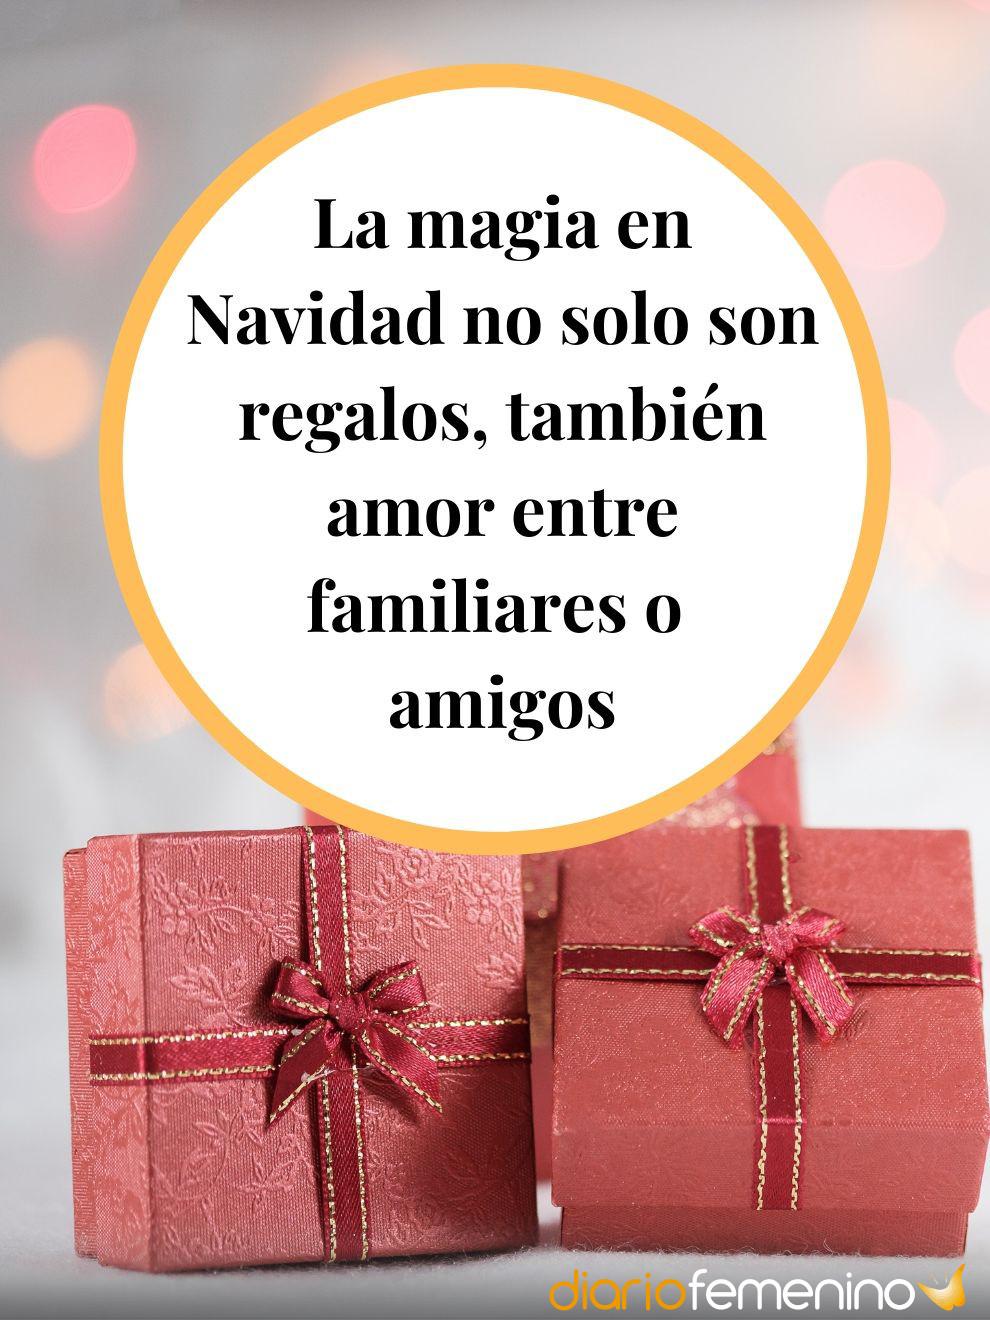 La magia en Navidad no sólo son los regalos, sino el amor